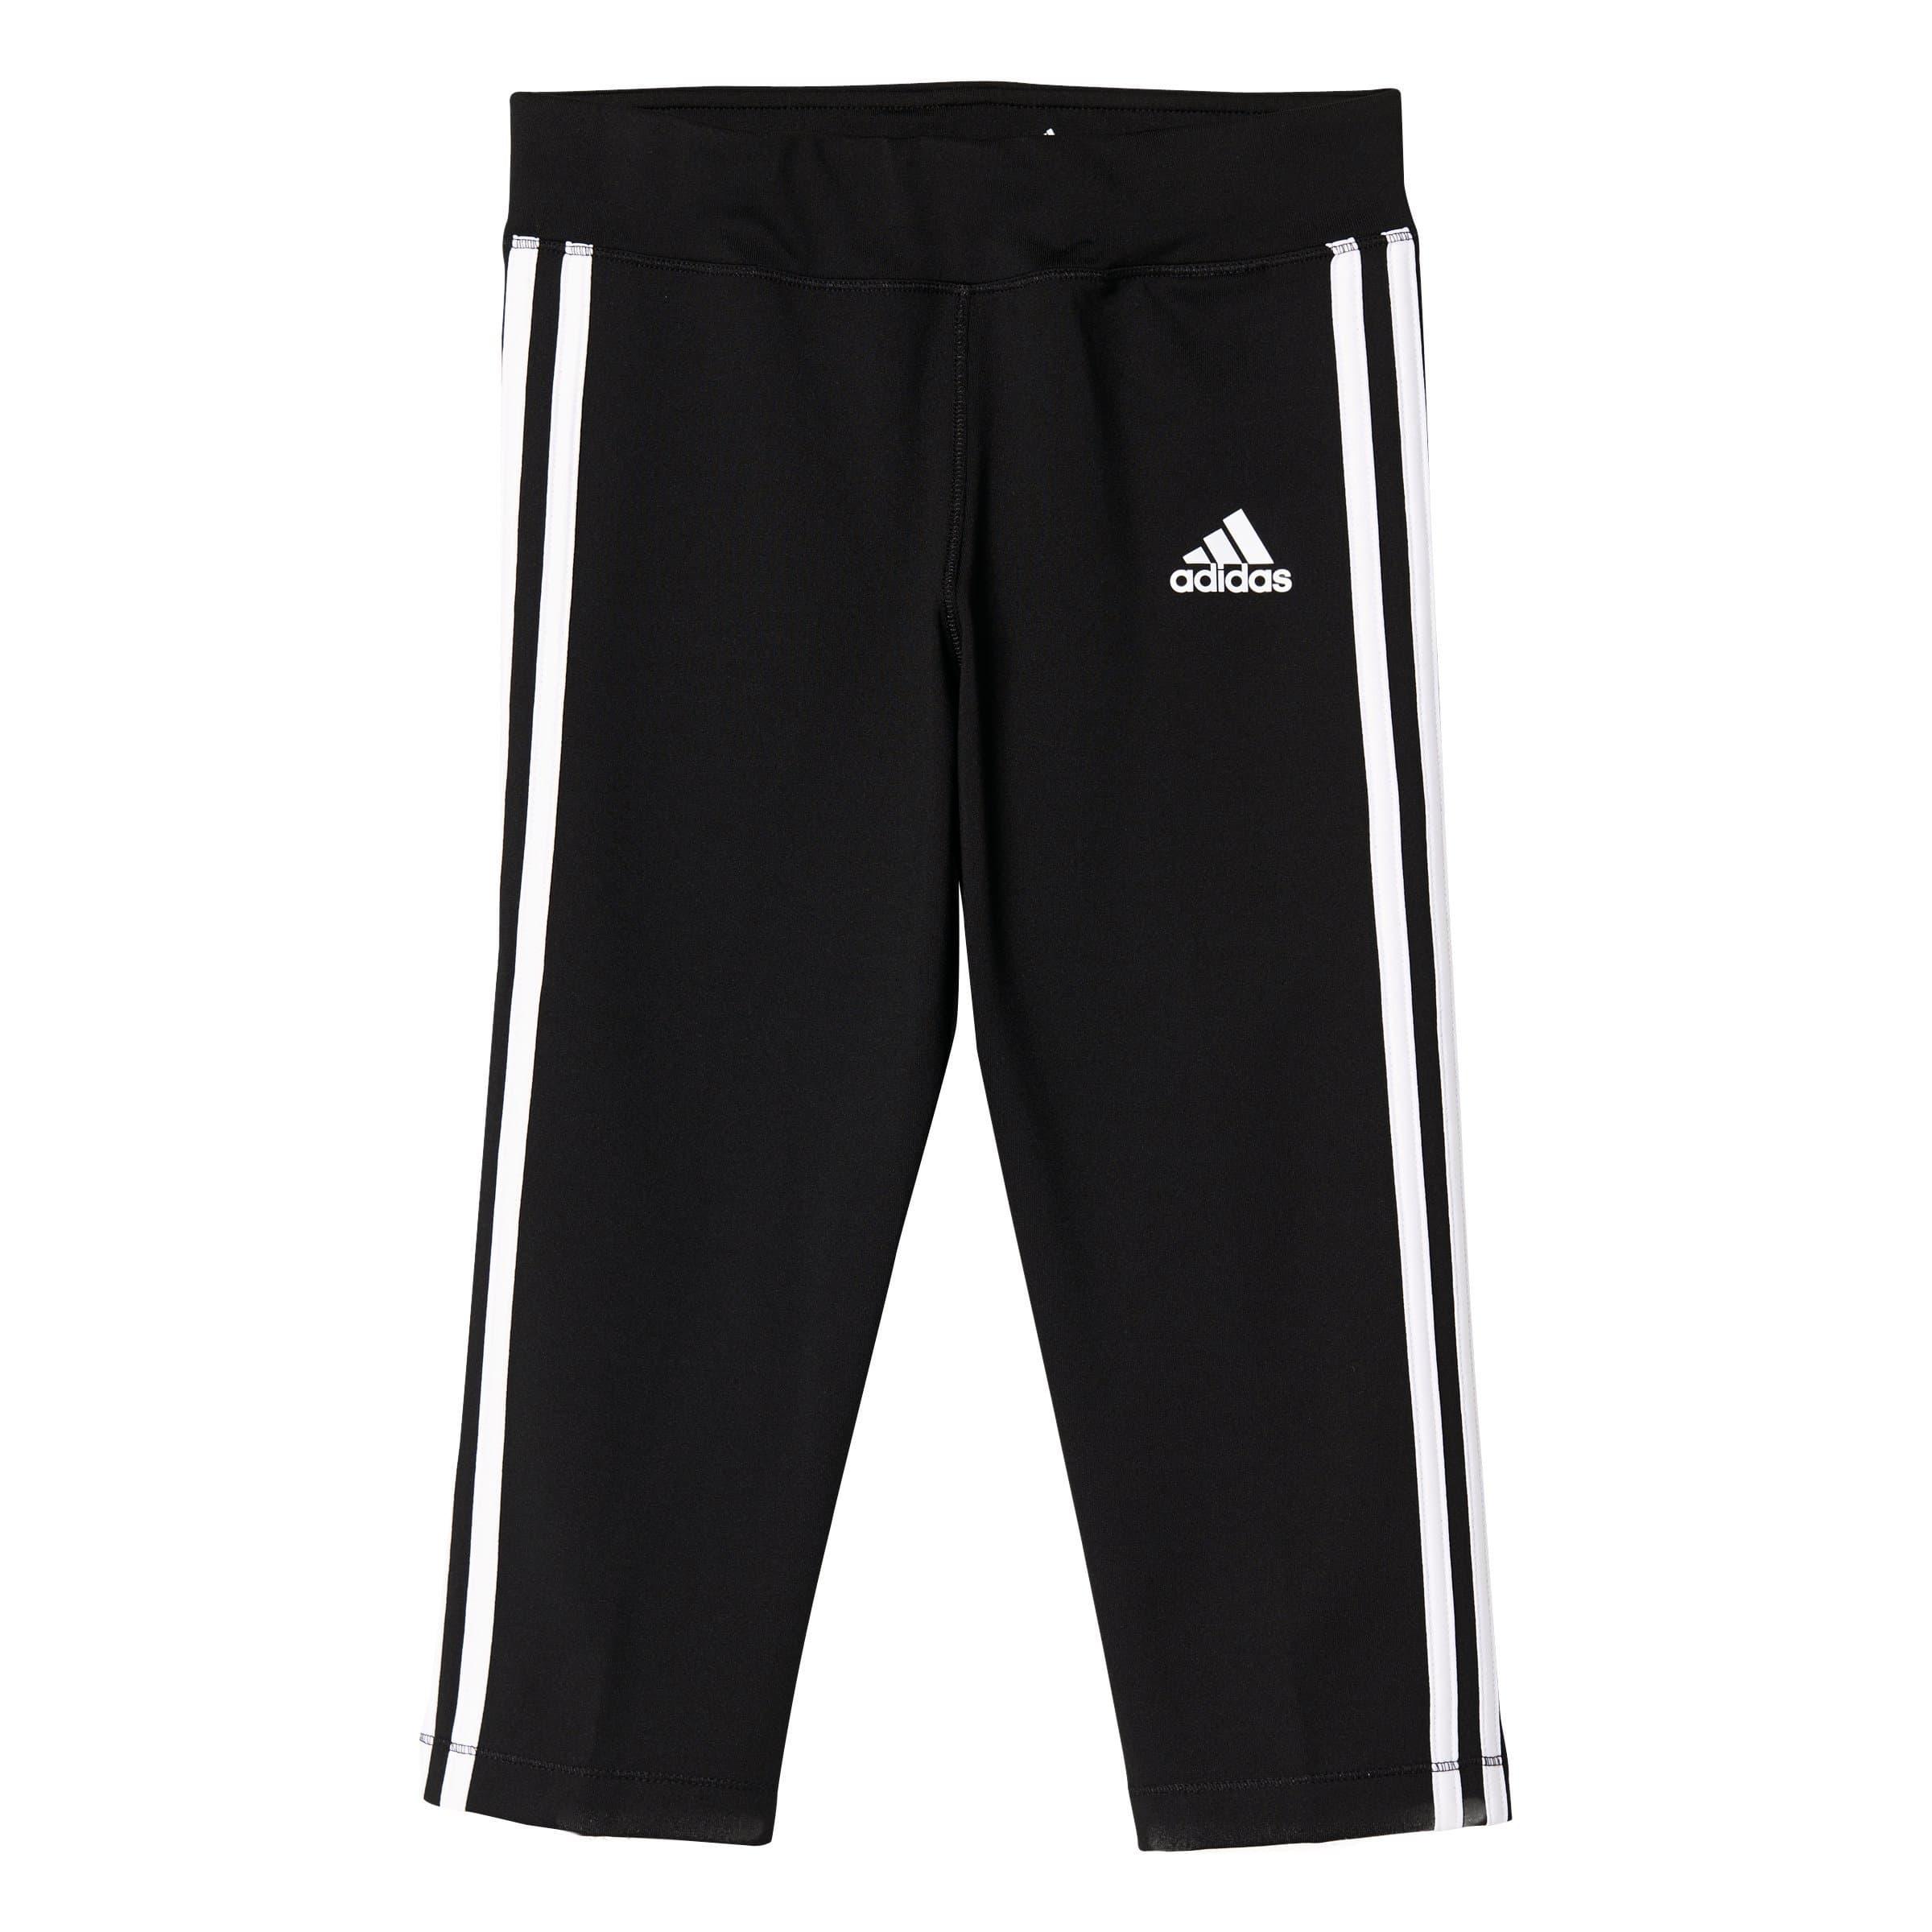 adidas leggings maedchen